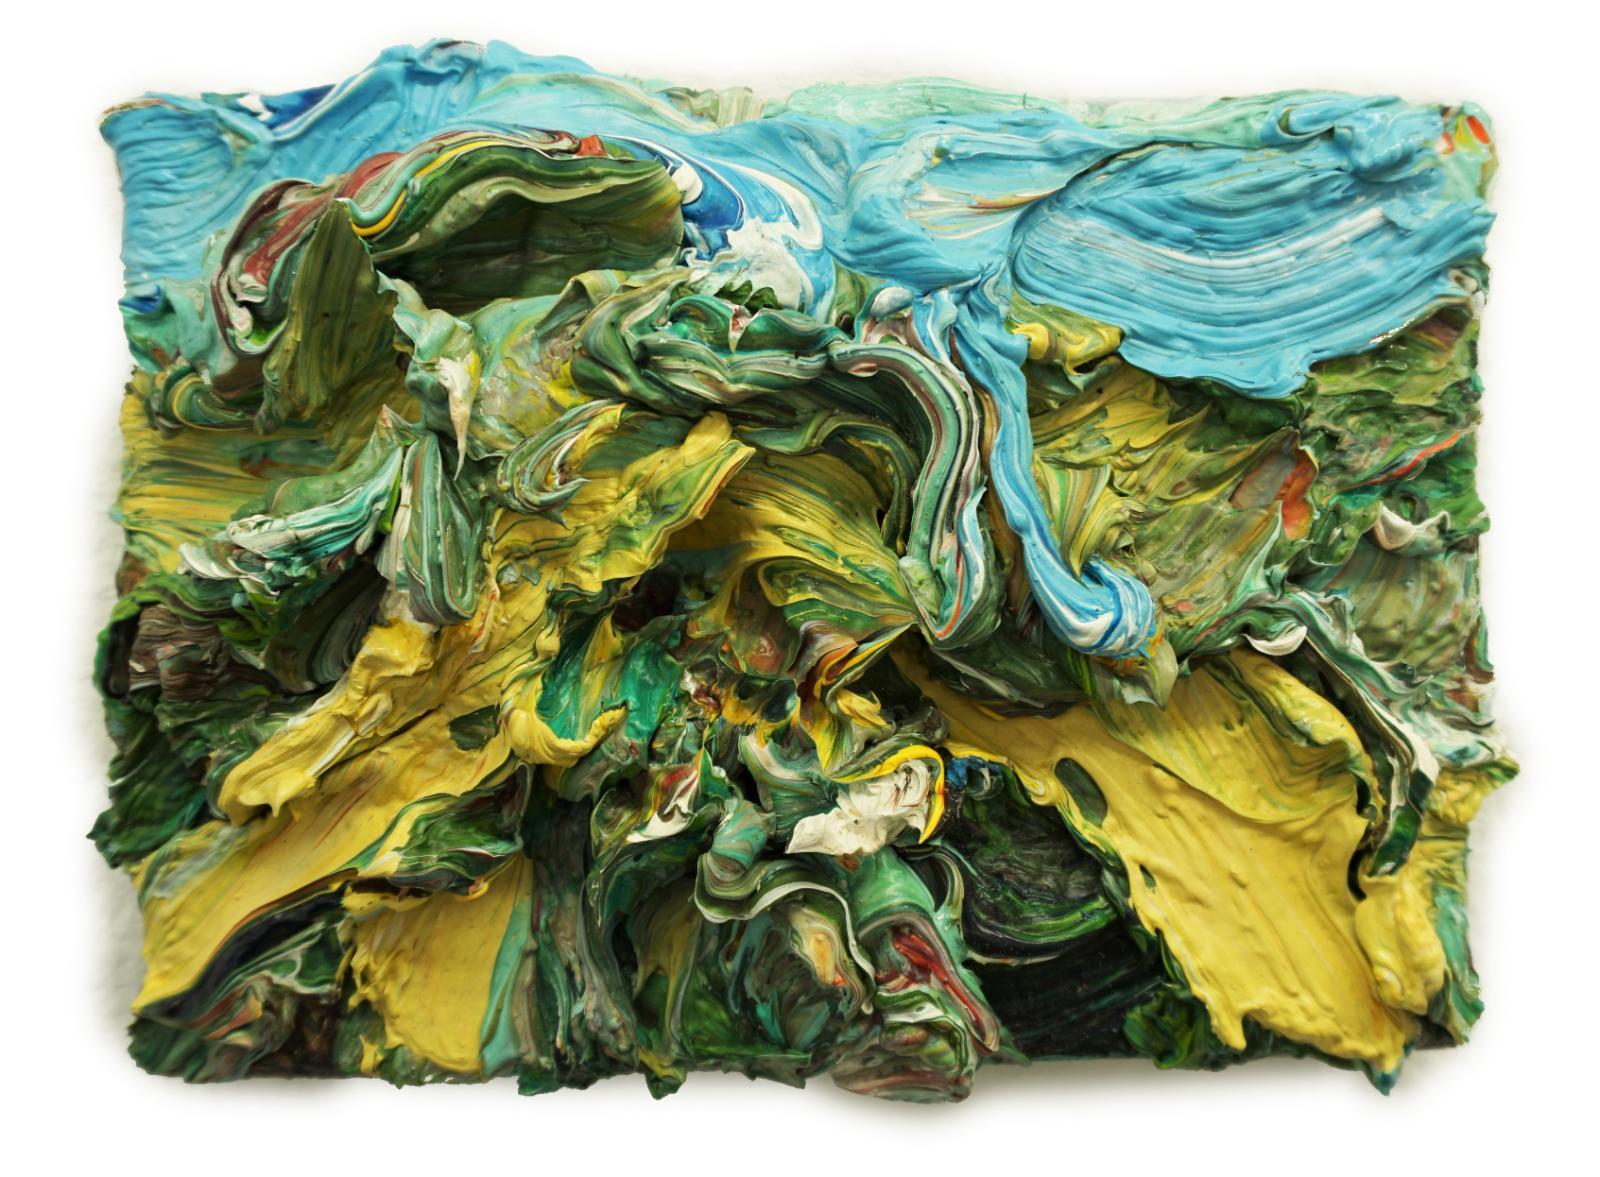 Harry Meyer, Schnee, 2010, Öl auf Leinwand, 13 x 18cm, meh006ko